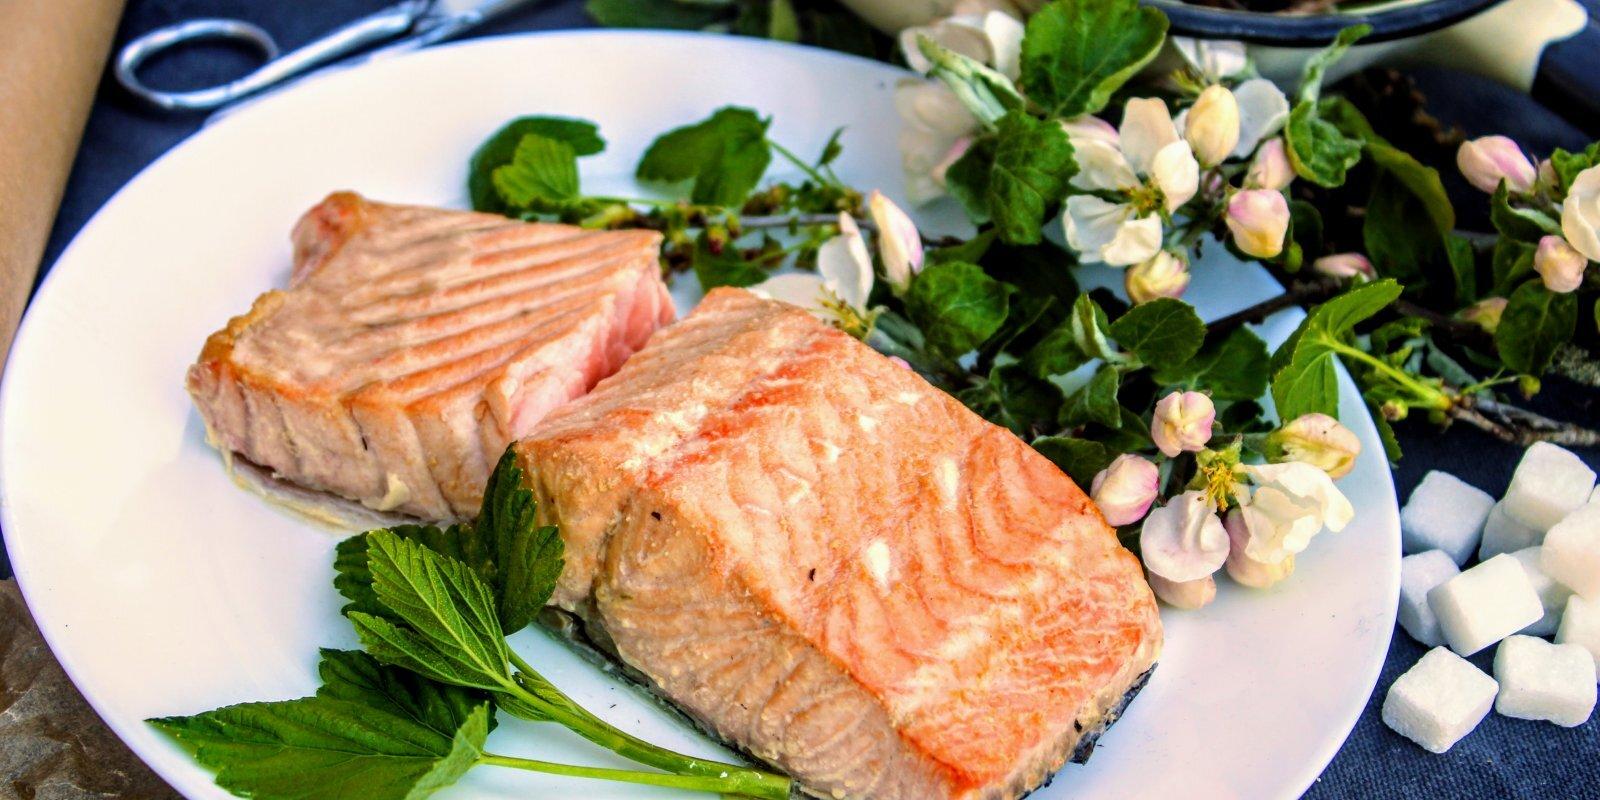 Virtuvē kūpināts lasis 20 minūtēs: 'Tasty' testē paštaisītu ātro kūpinātavu